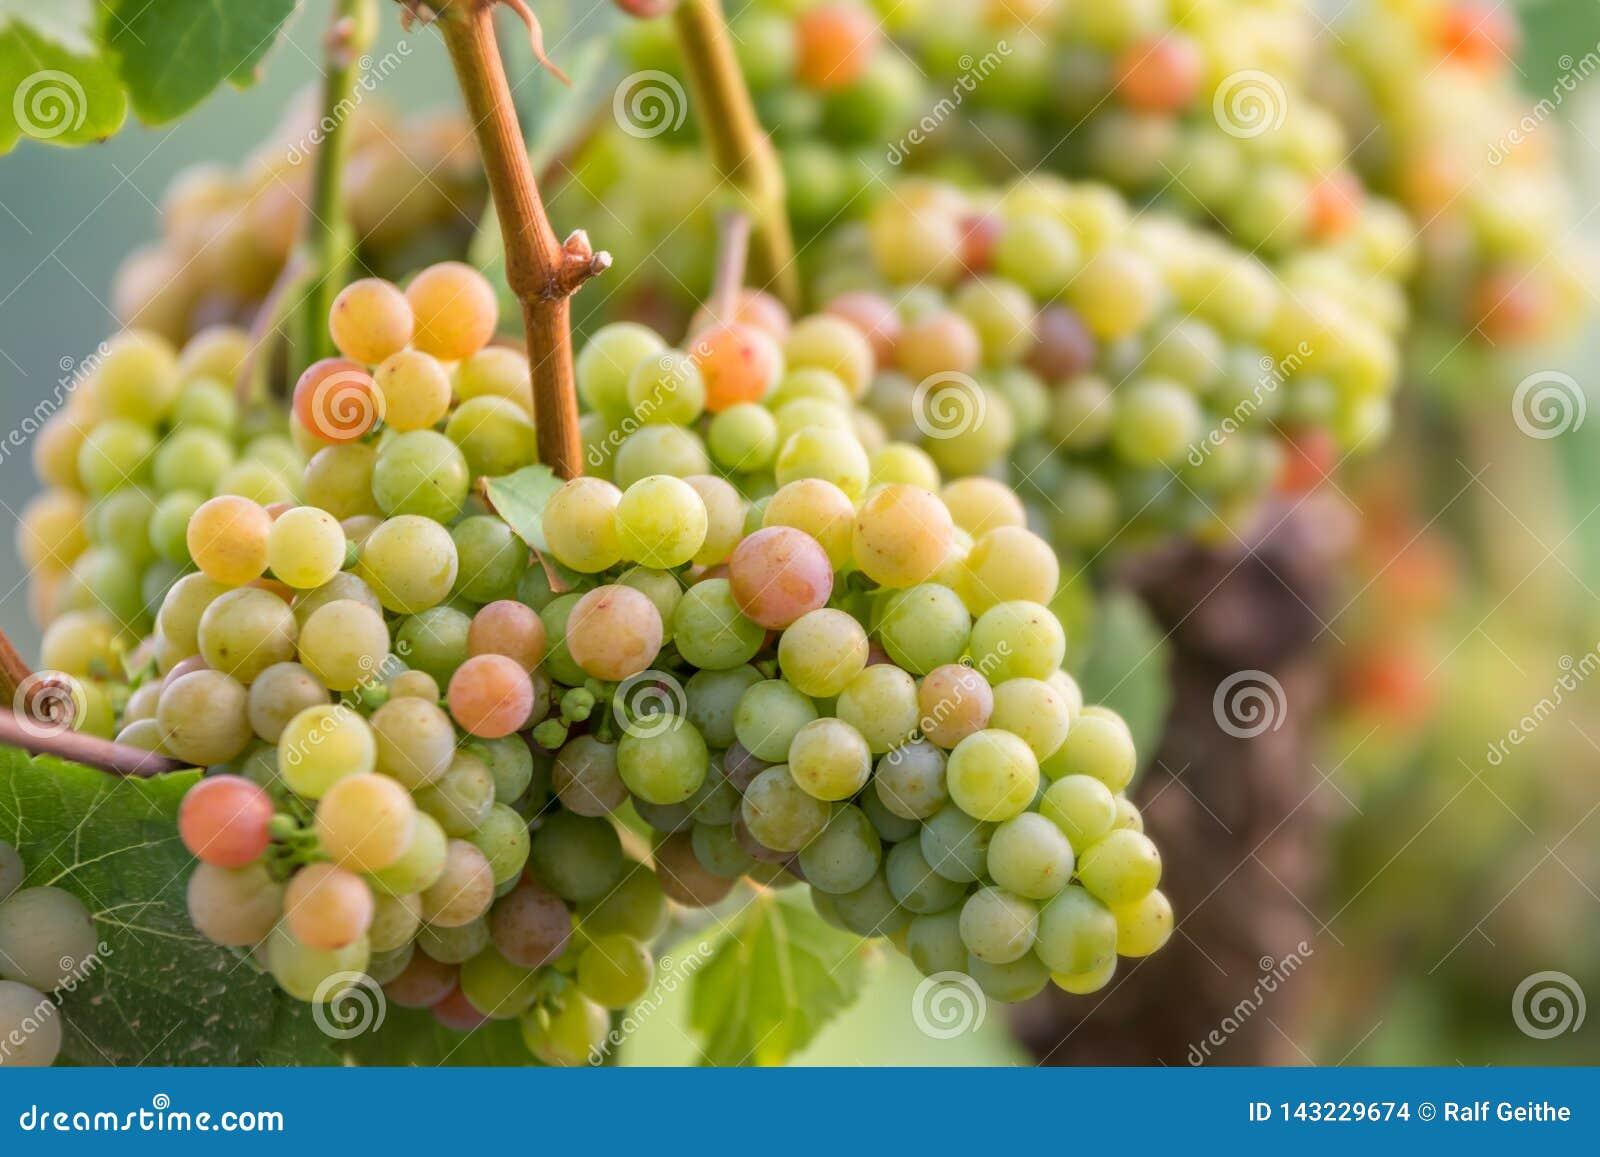 Виноградины в немецком выращивающем вин регионе